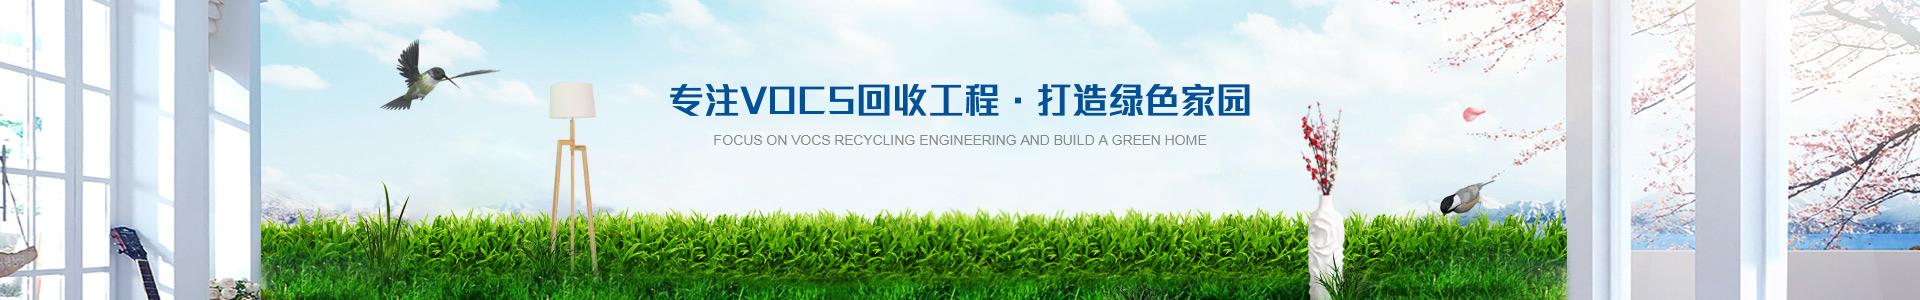 墺林-专注环保工程,打造绿色家园